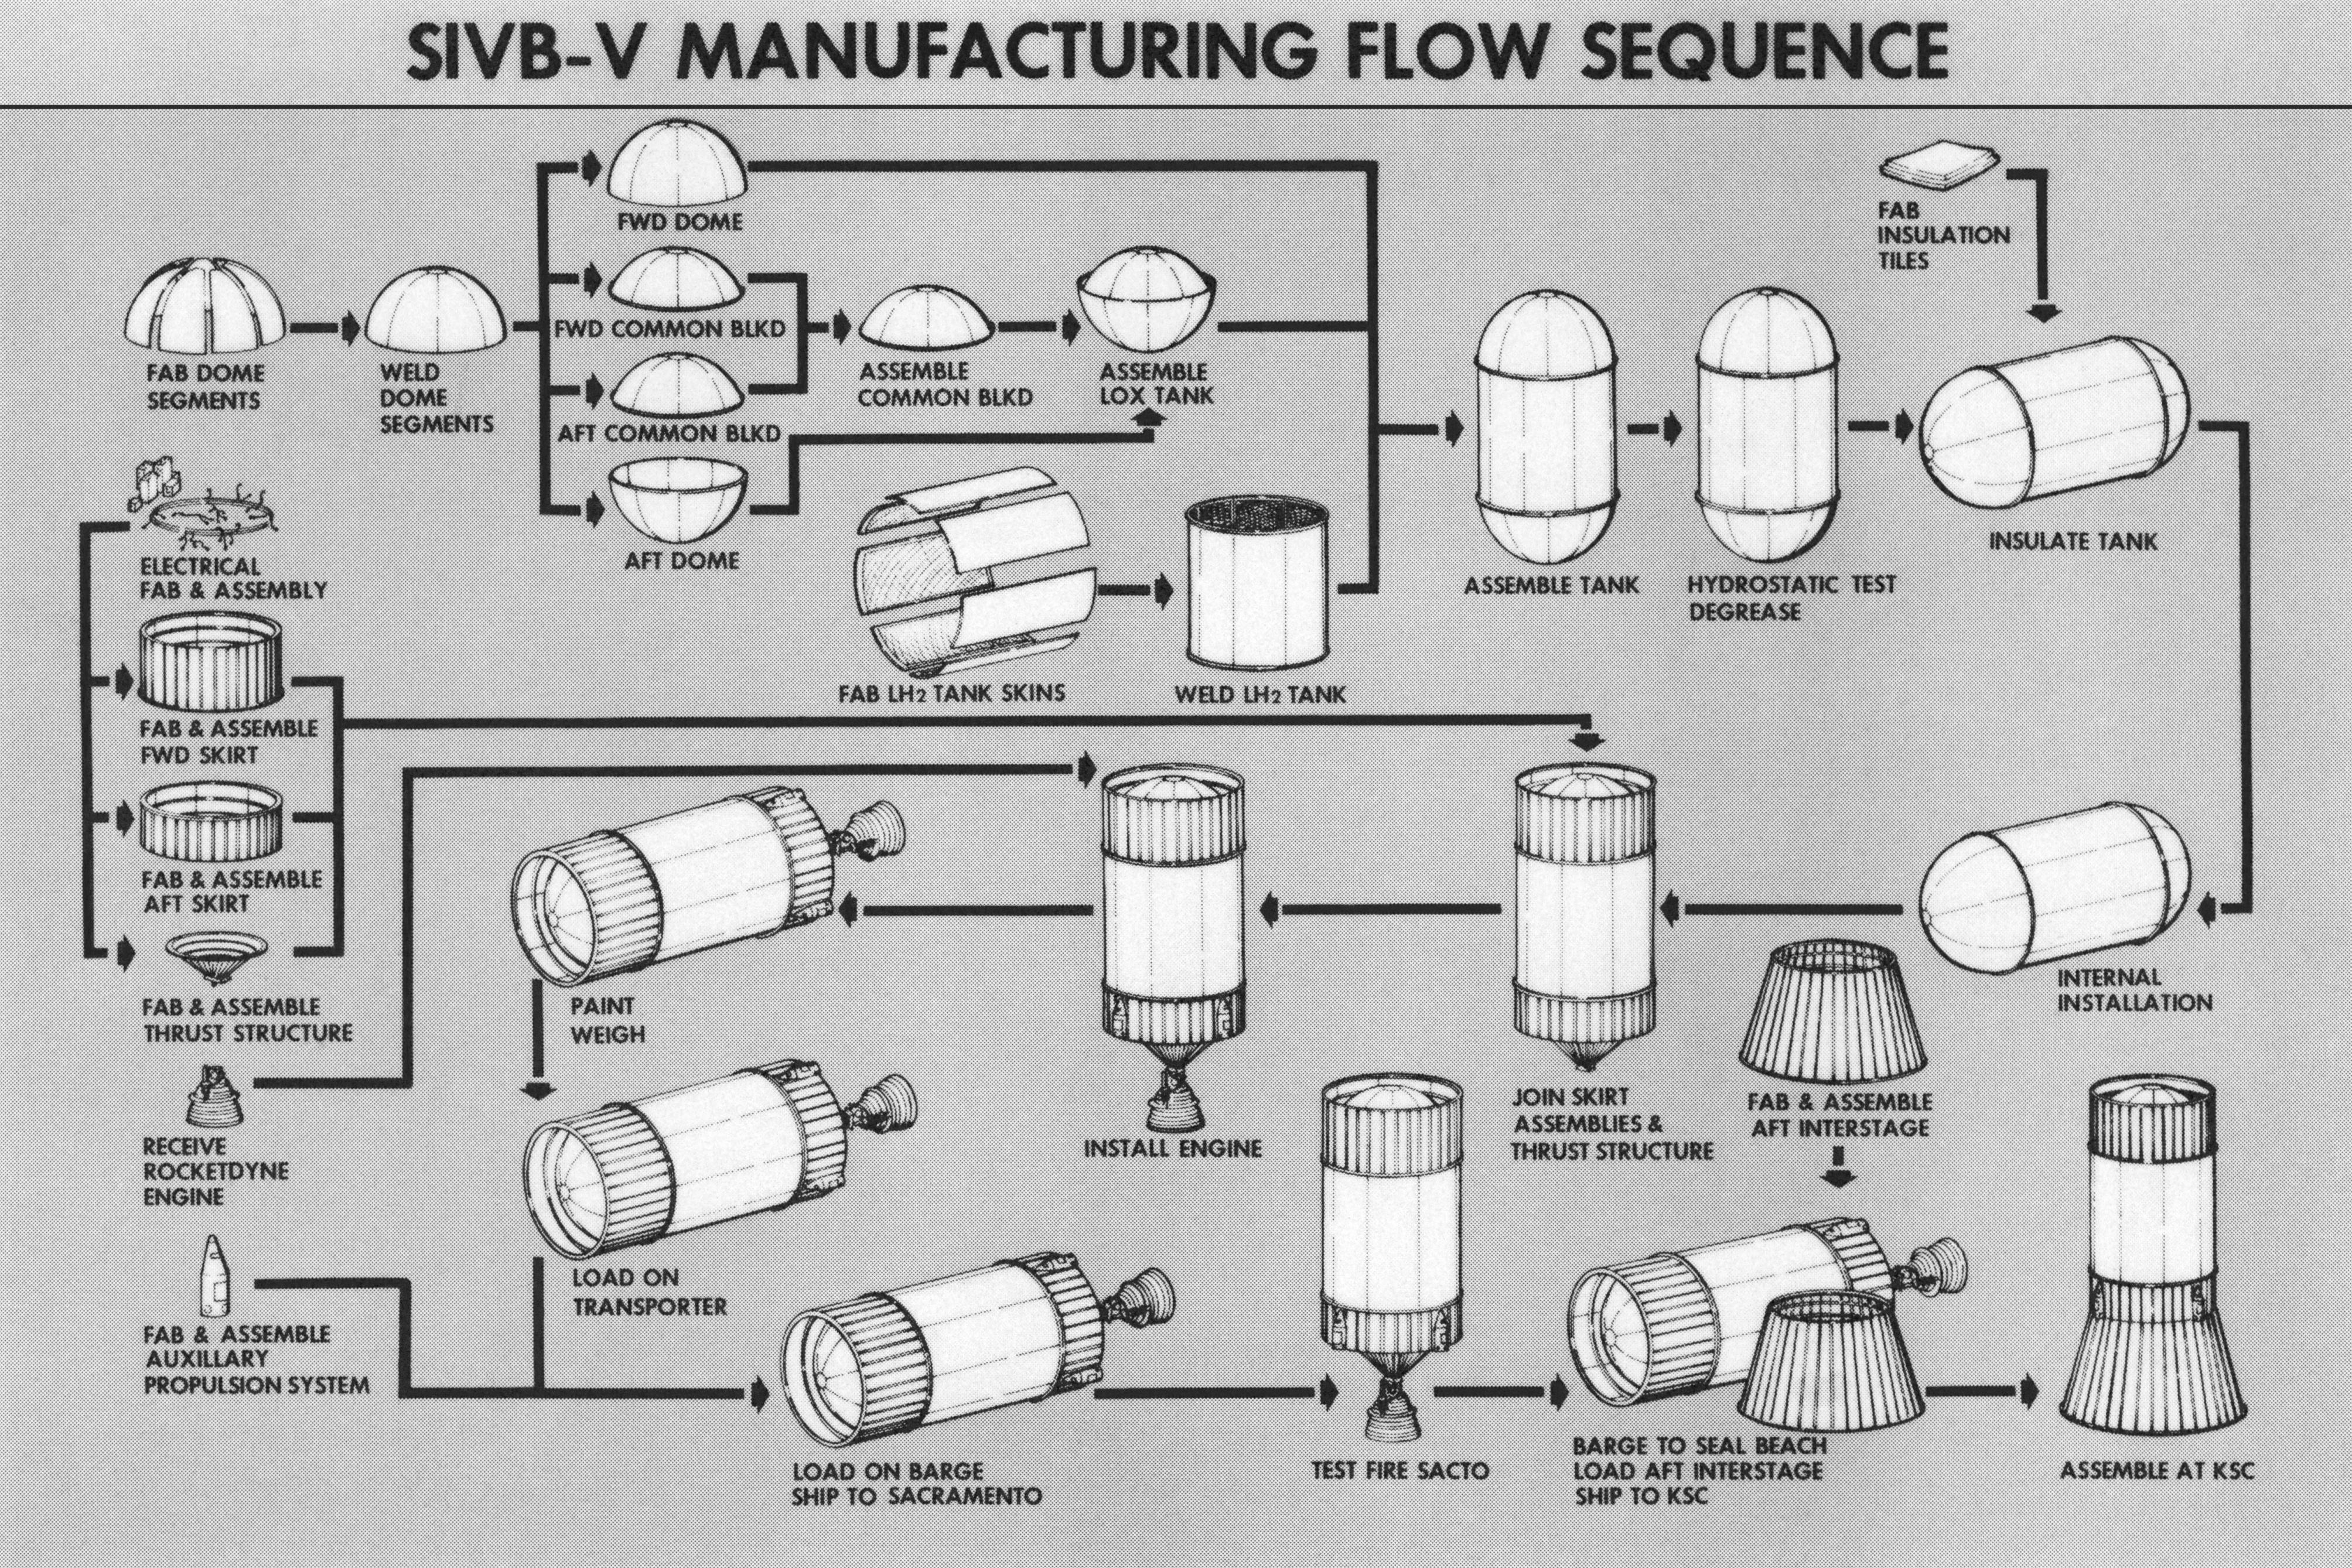 http://heroicrelics.org/info/s-ivb/s-ivb-v-overview/s-ivb-v-manu-flow-seq.jpg